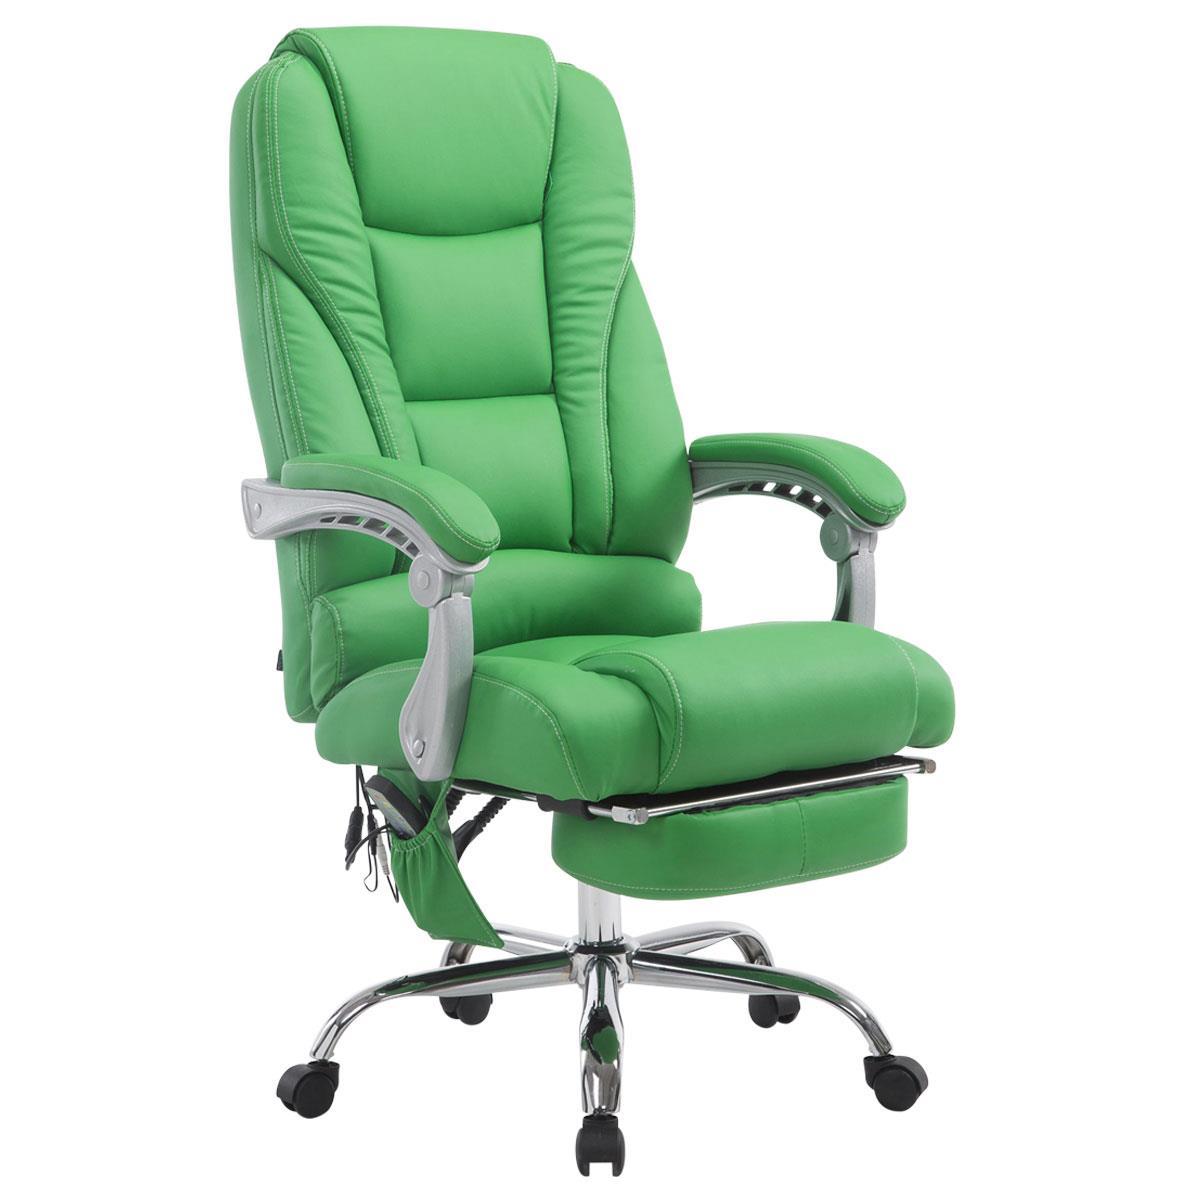 Poltrona da ufficio comodity massage poggiapiedi - Poggiapiedi ufficio ...